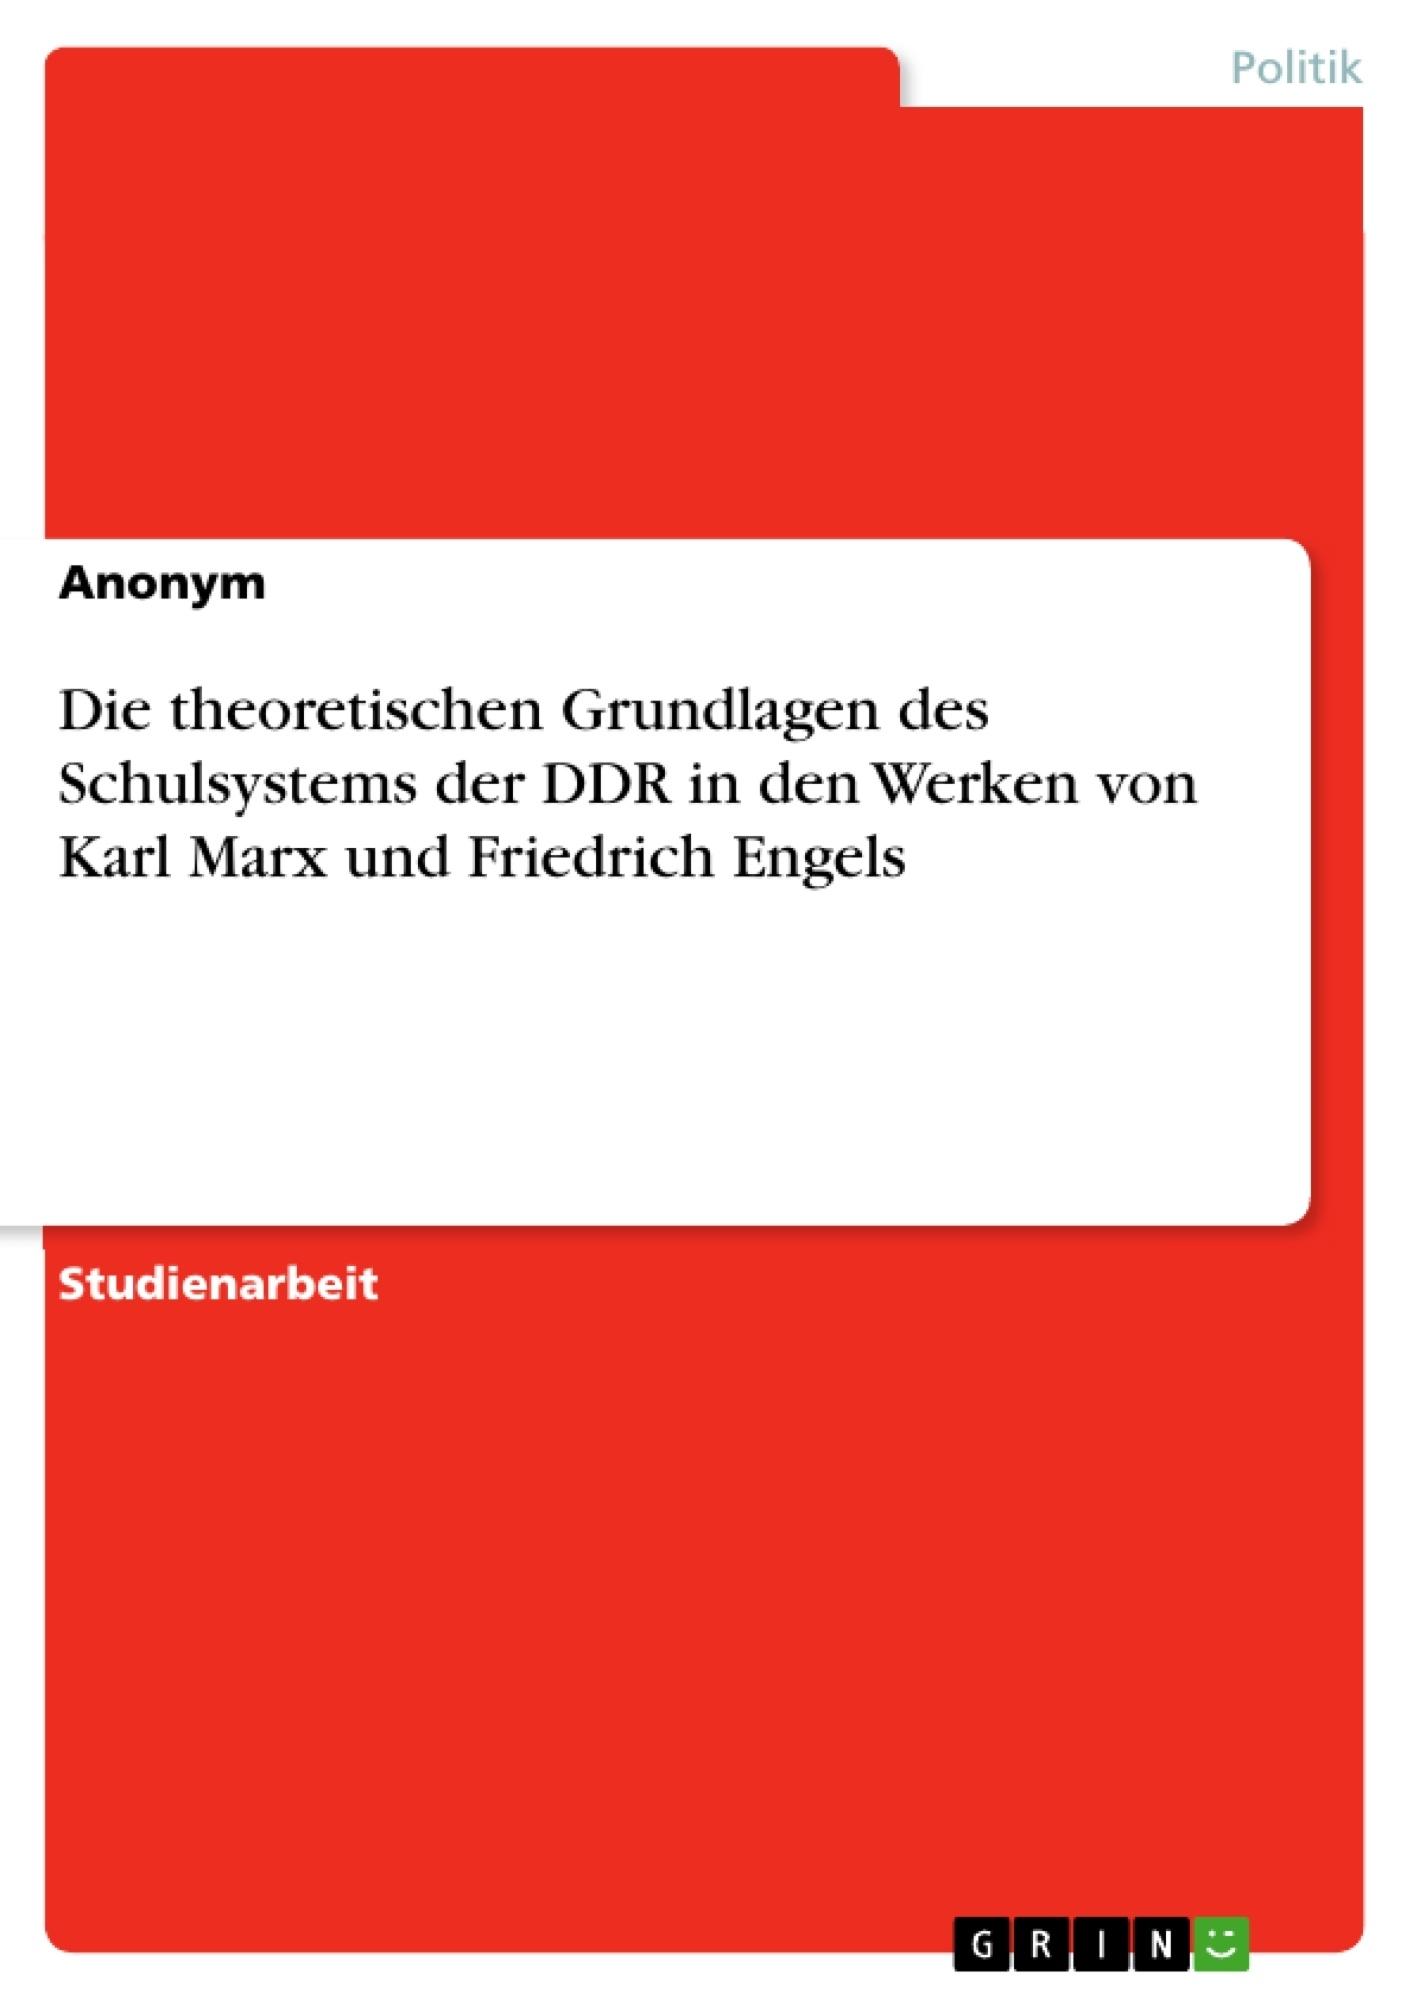 Titel: Die theoretischen Grundlagen des Schulsystems der DDR in den Werken von Karl Marx und Friedrich Engels